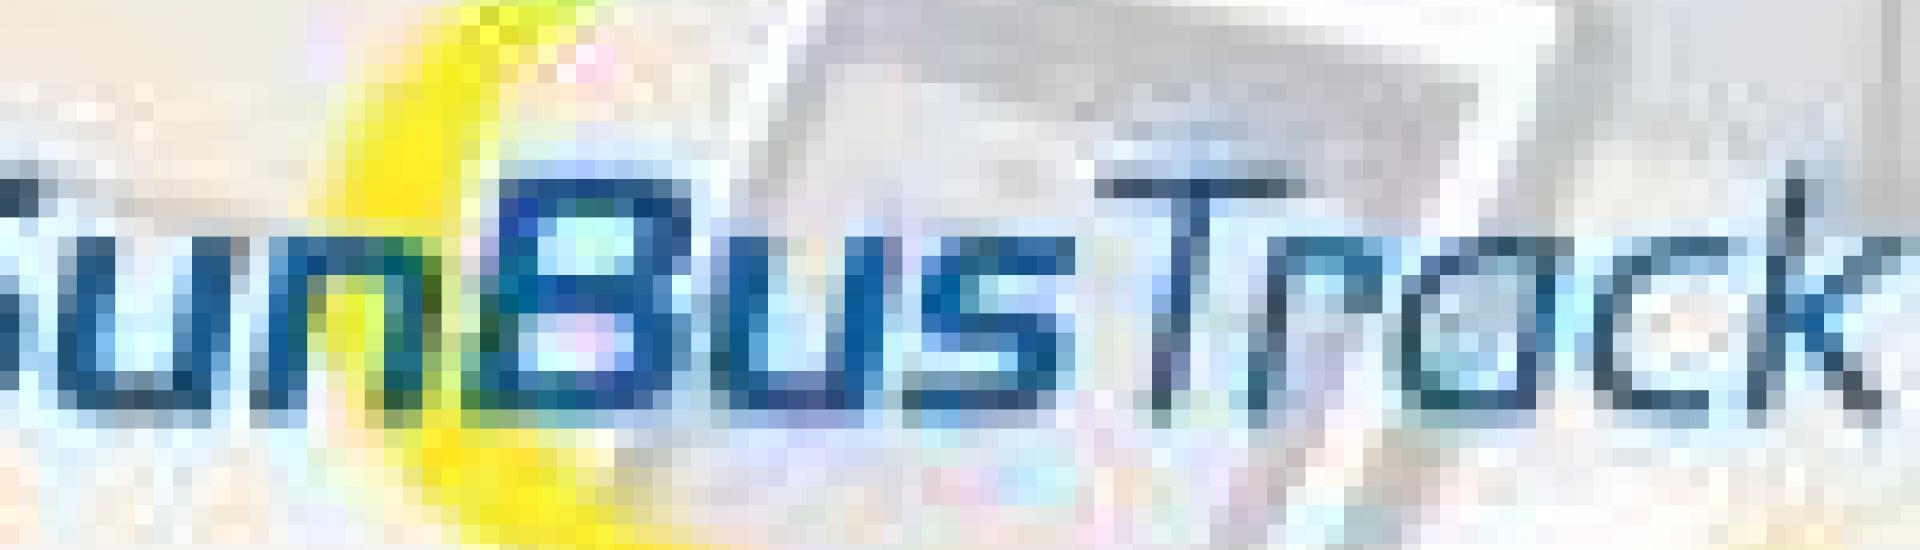 SunBus Tracker Banner